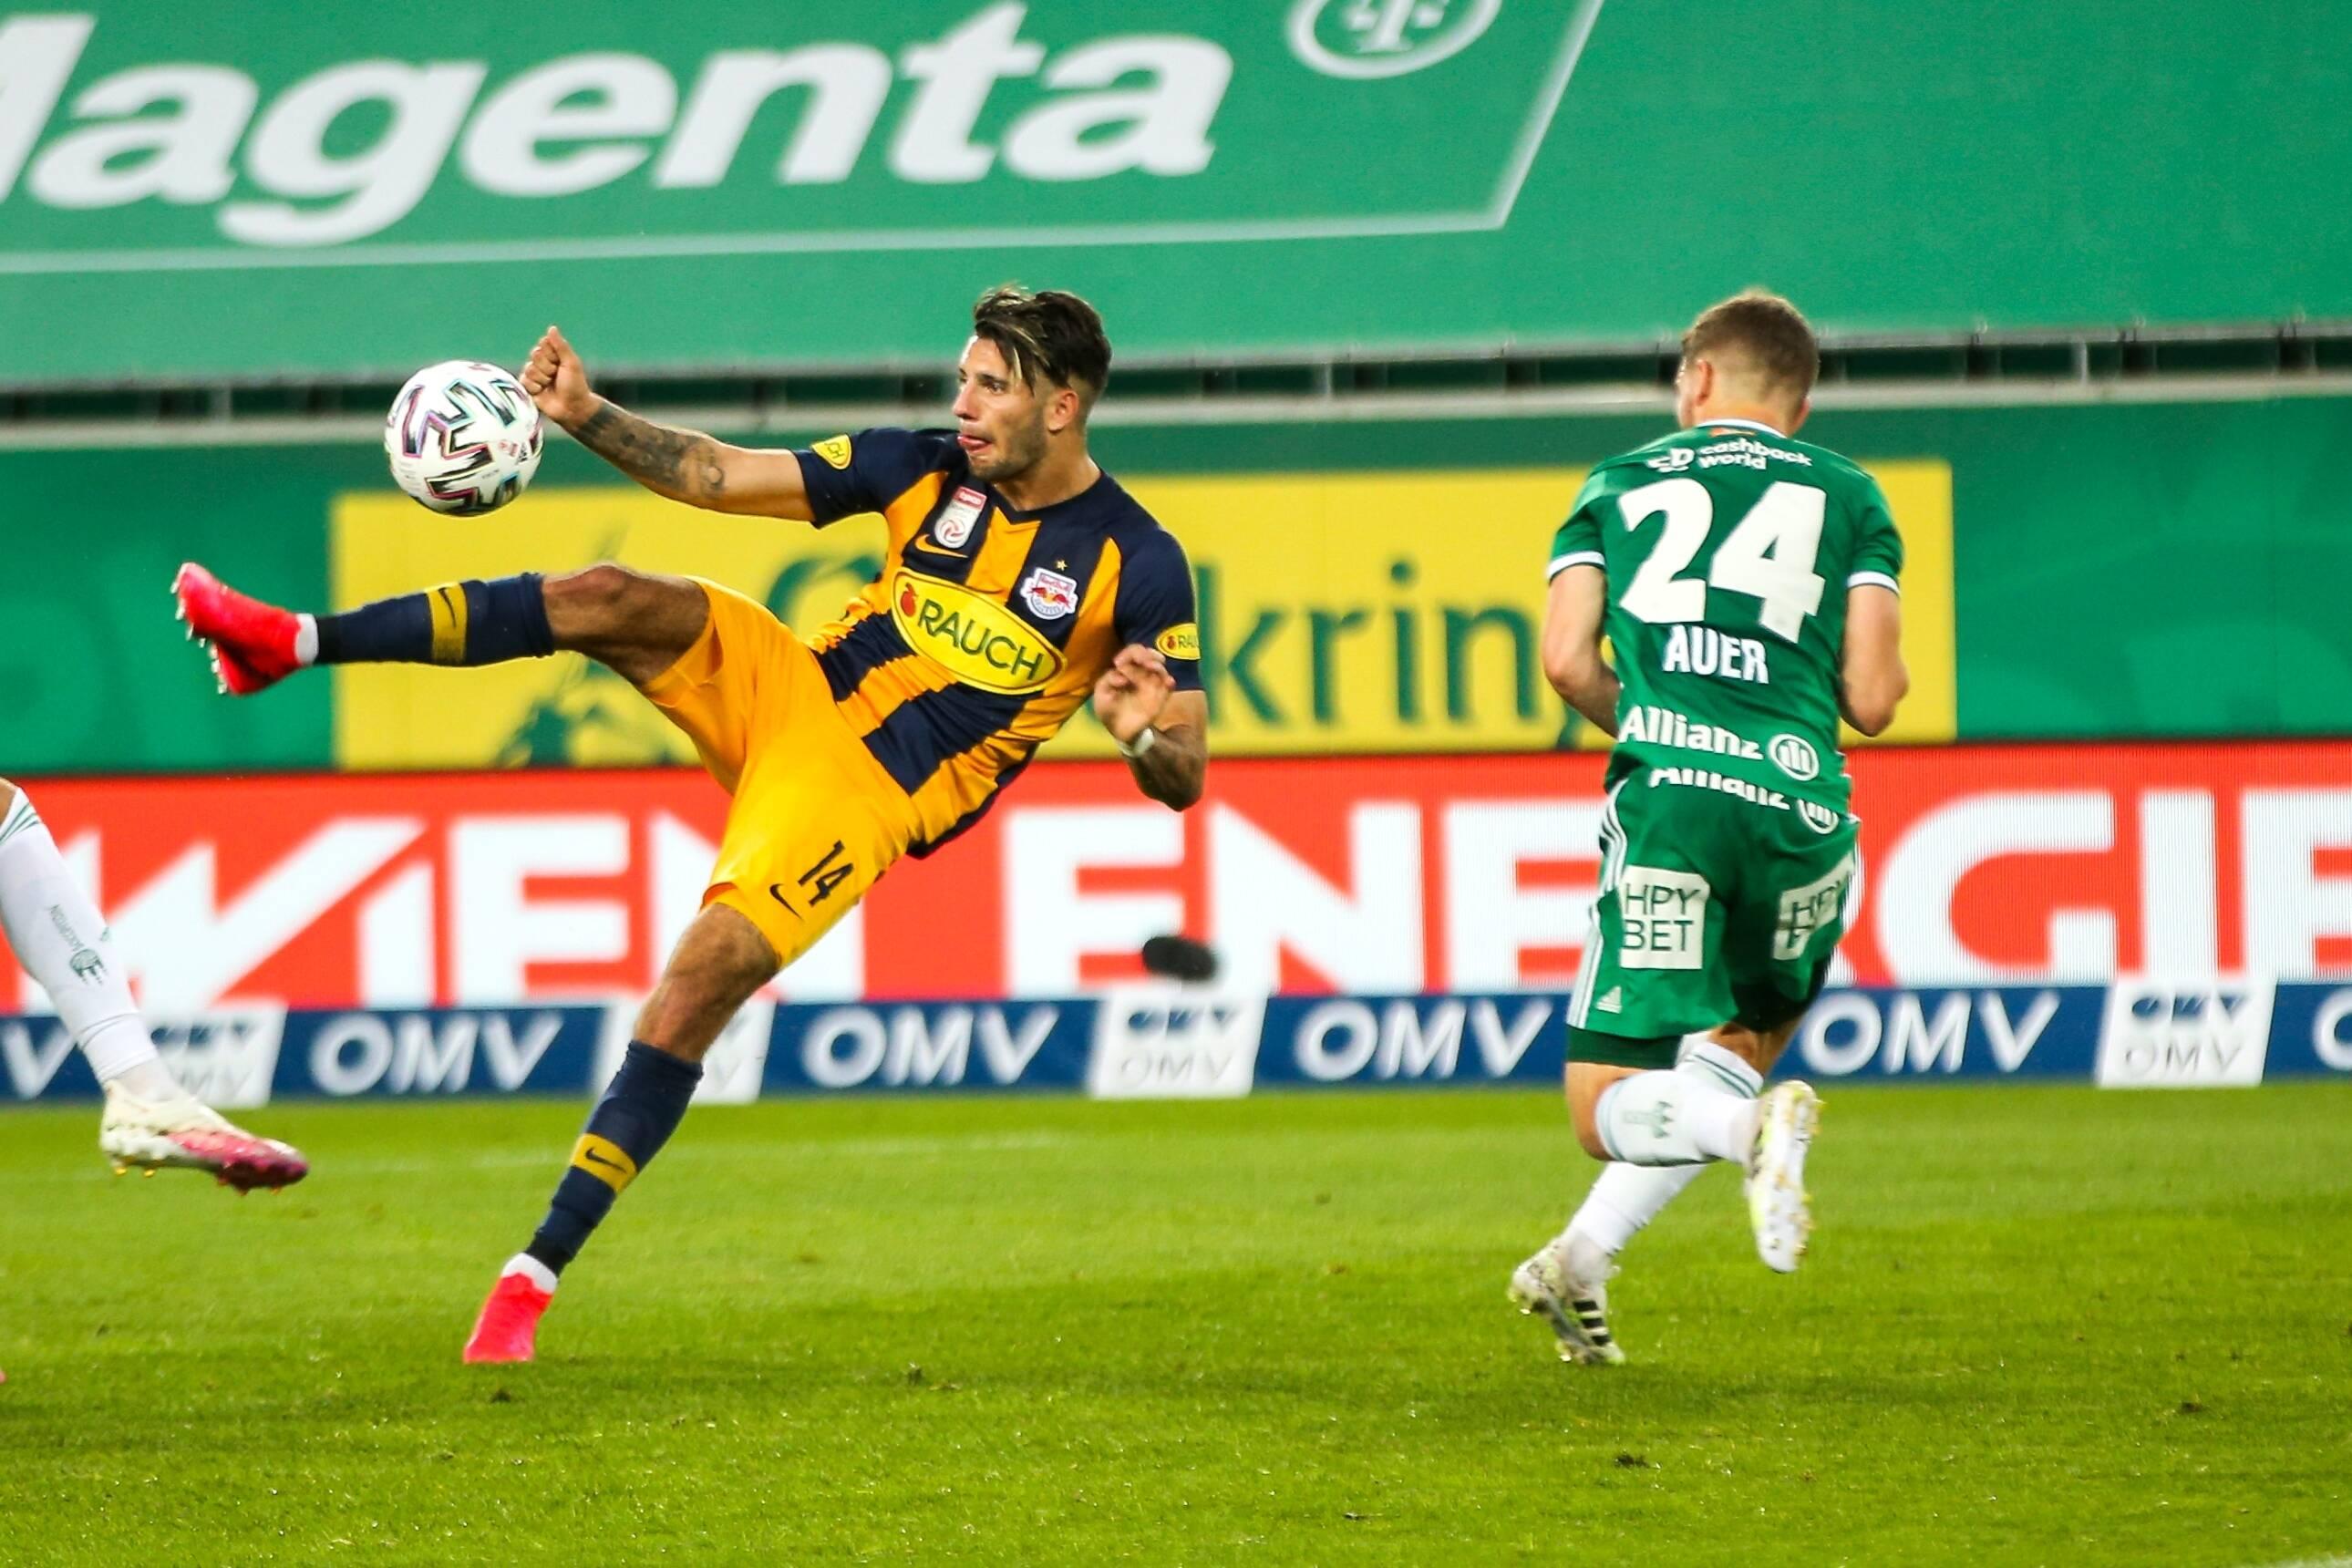 Szoboszlaiék tönkreverték a második Rapidot, a magyar játékos megint gólt lőtt, és kiosztott két gólpasszt is